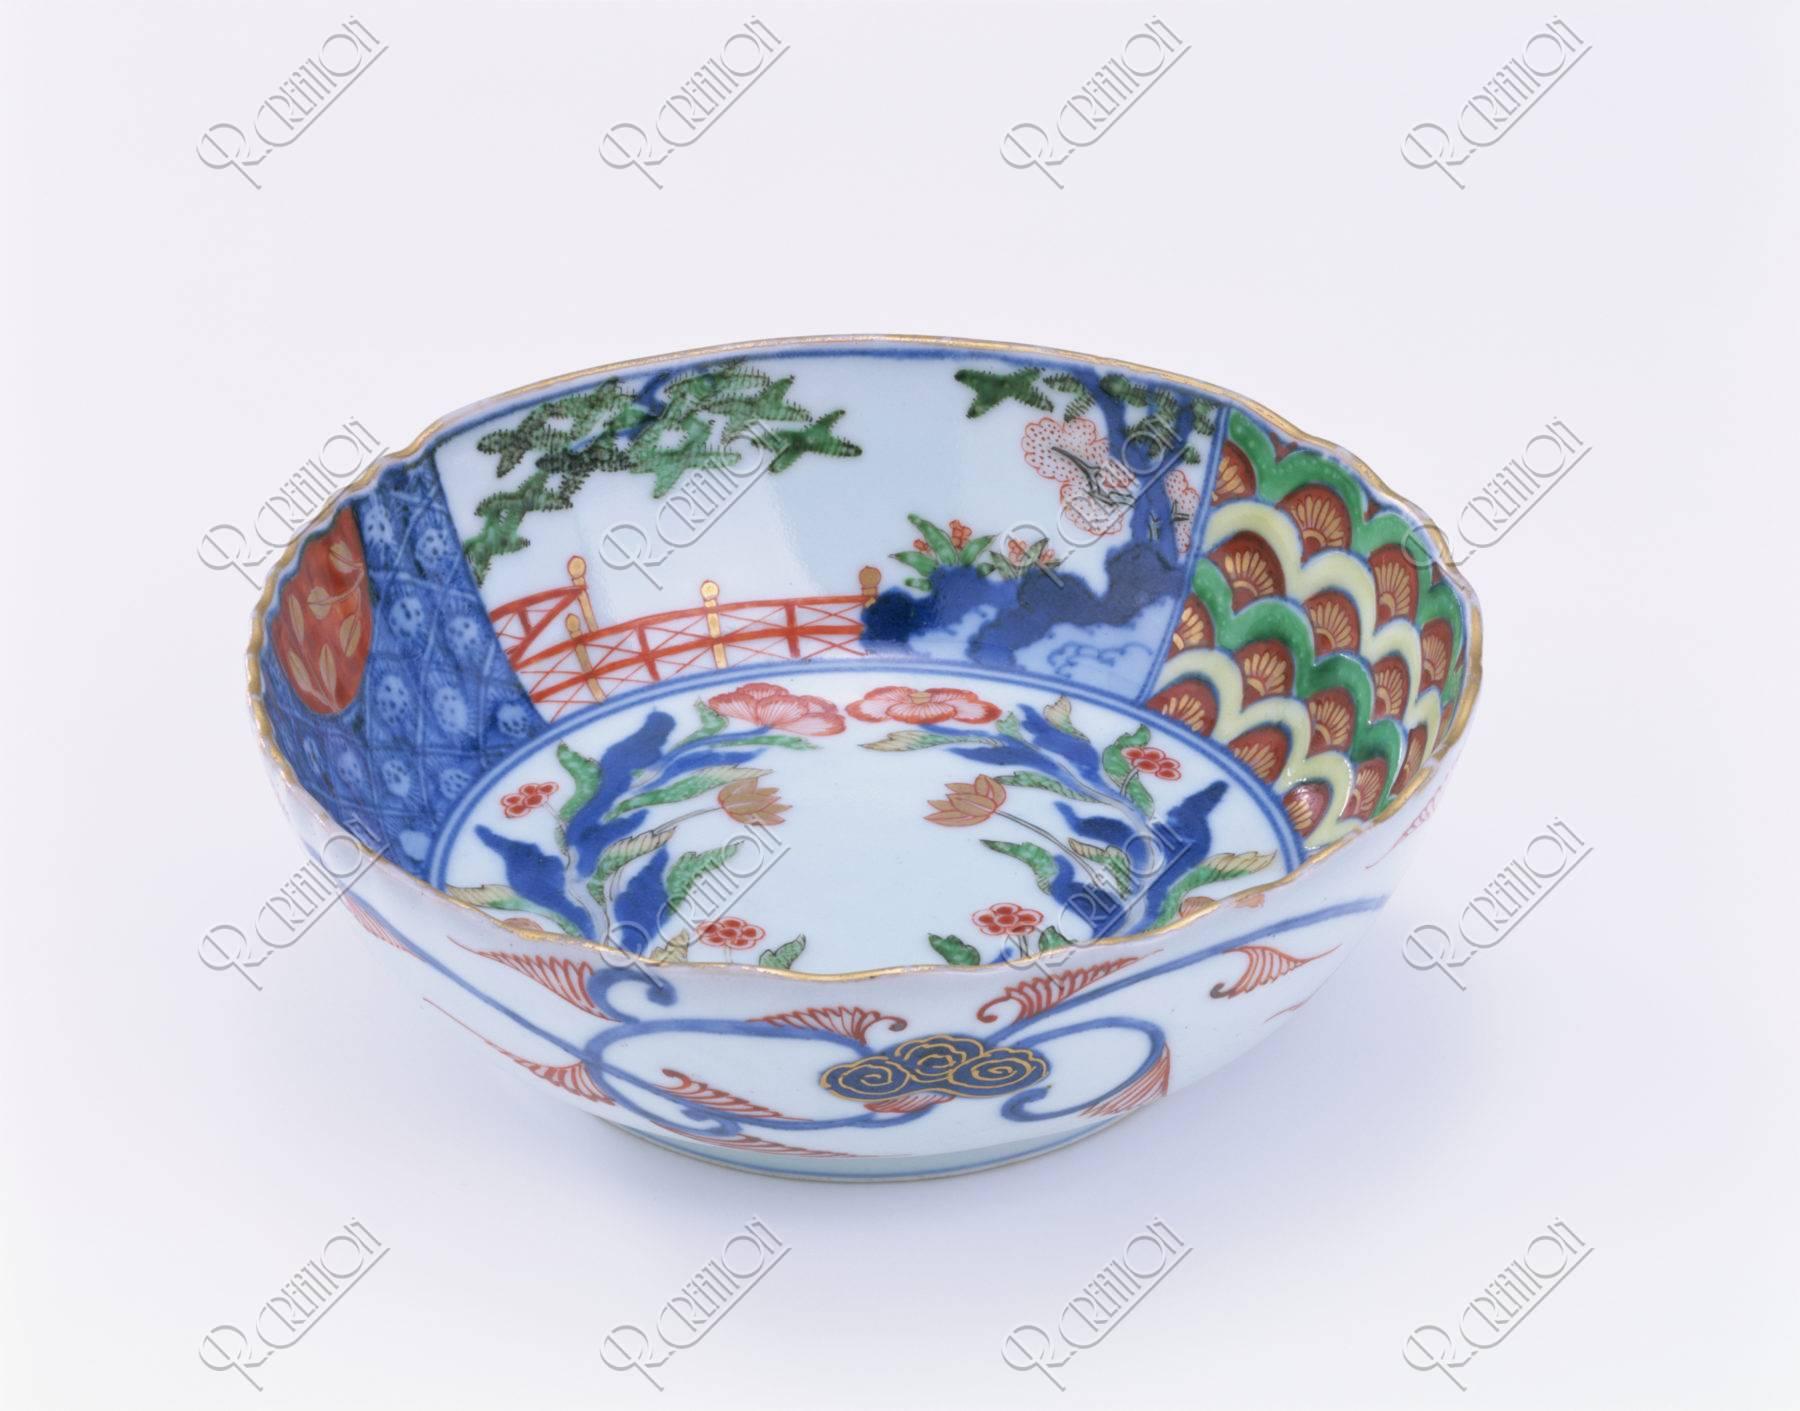 古伊万里 色絵 青海波花文 鉢